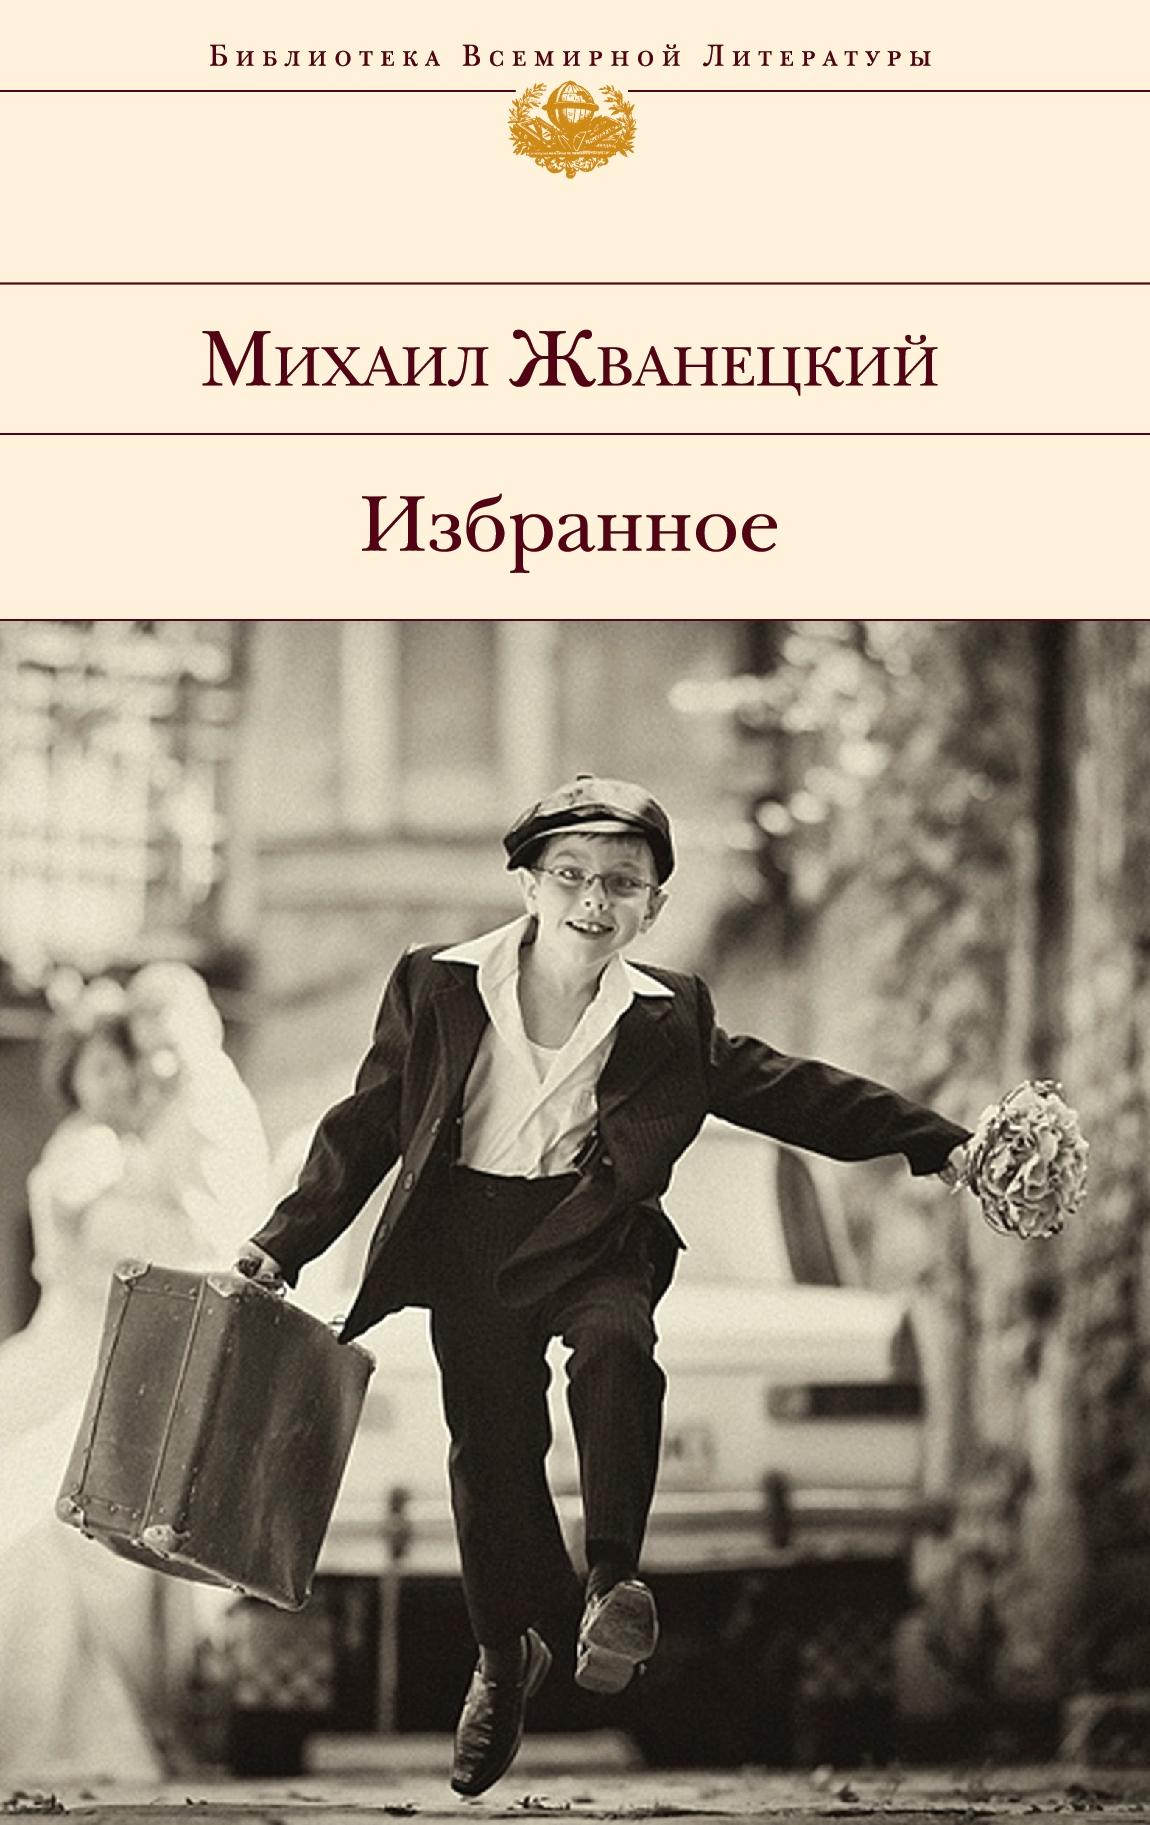 Михаил Жванецкий Избранное (сборник) михаил жванецкий избранное